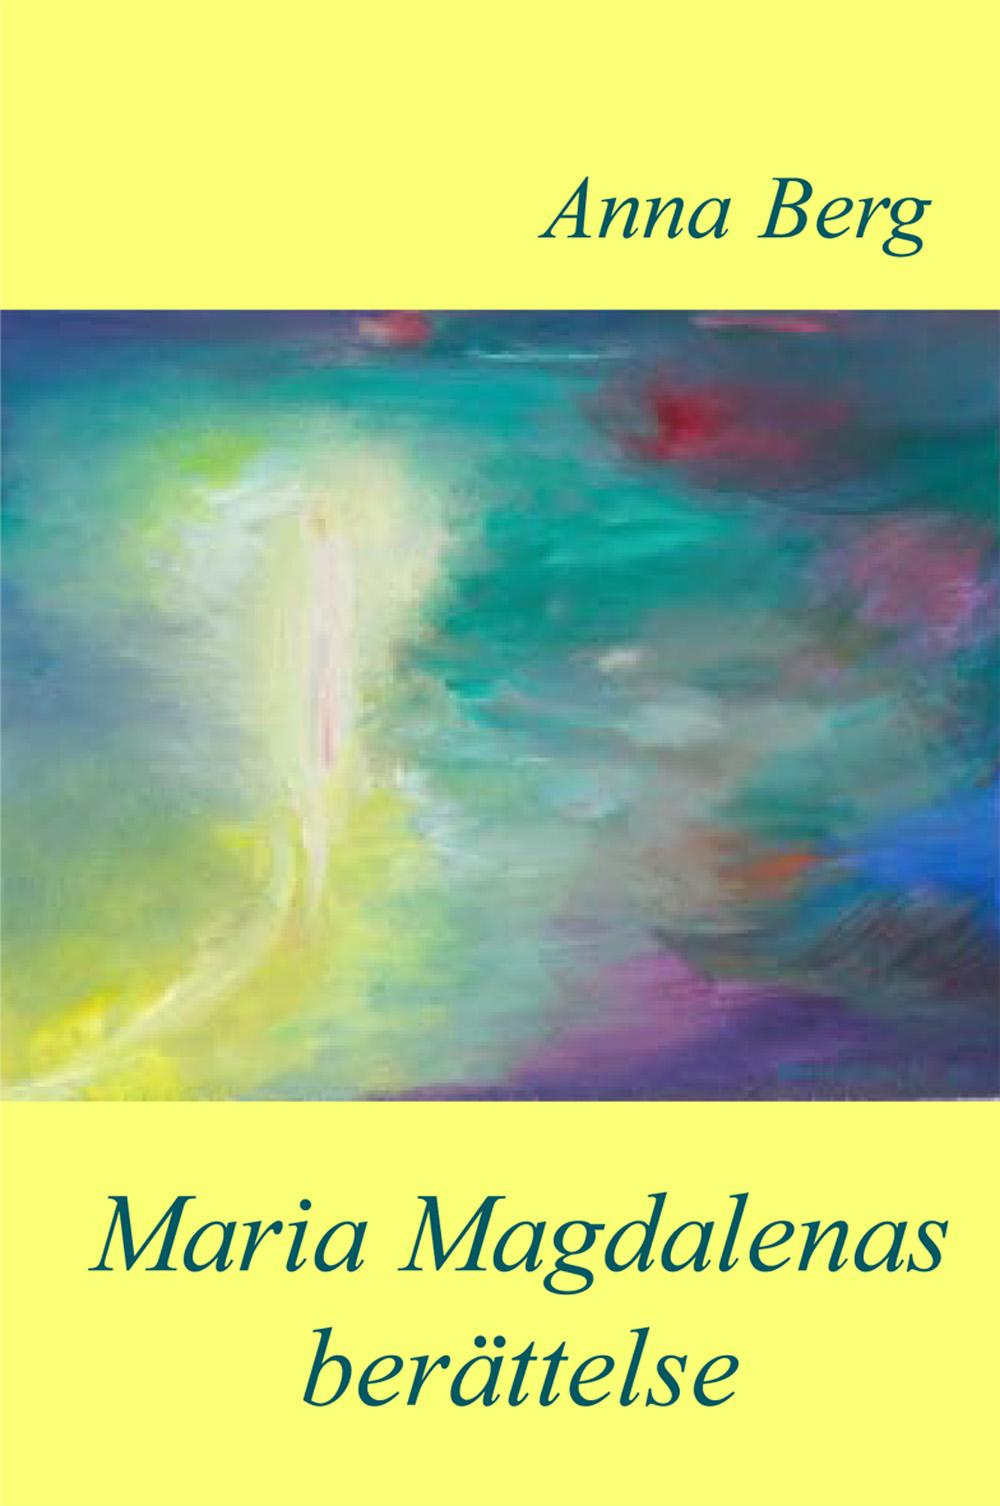 Maria Magdalenas berättelse av Anna Berg